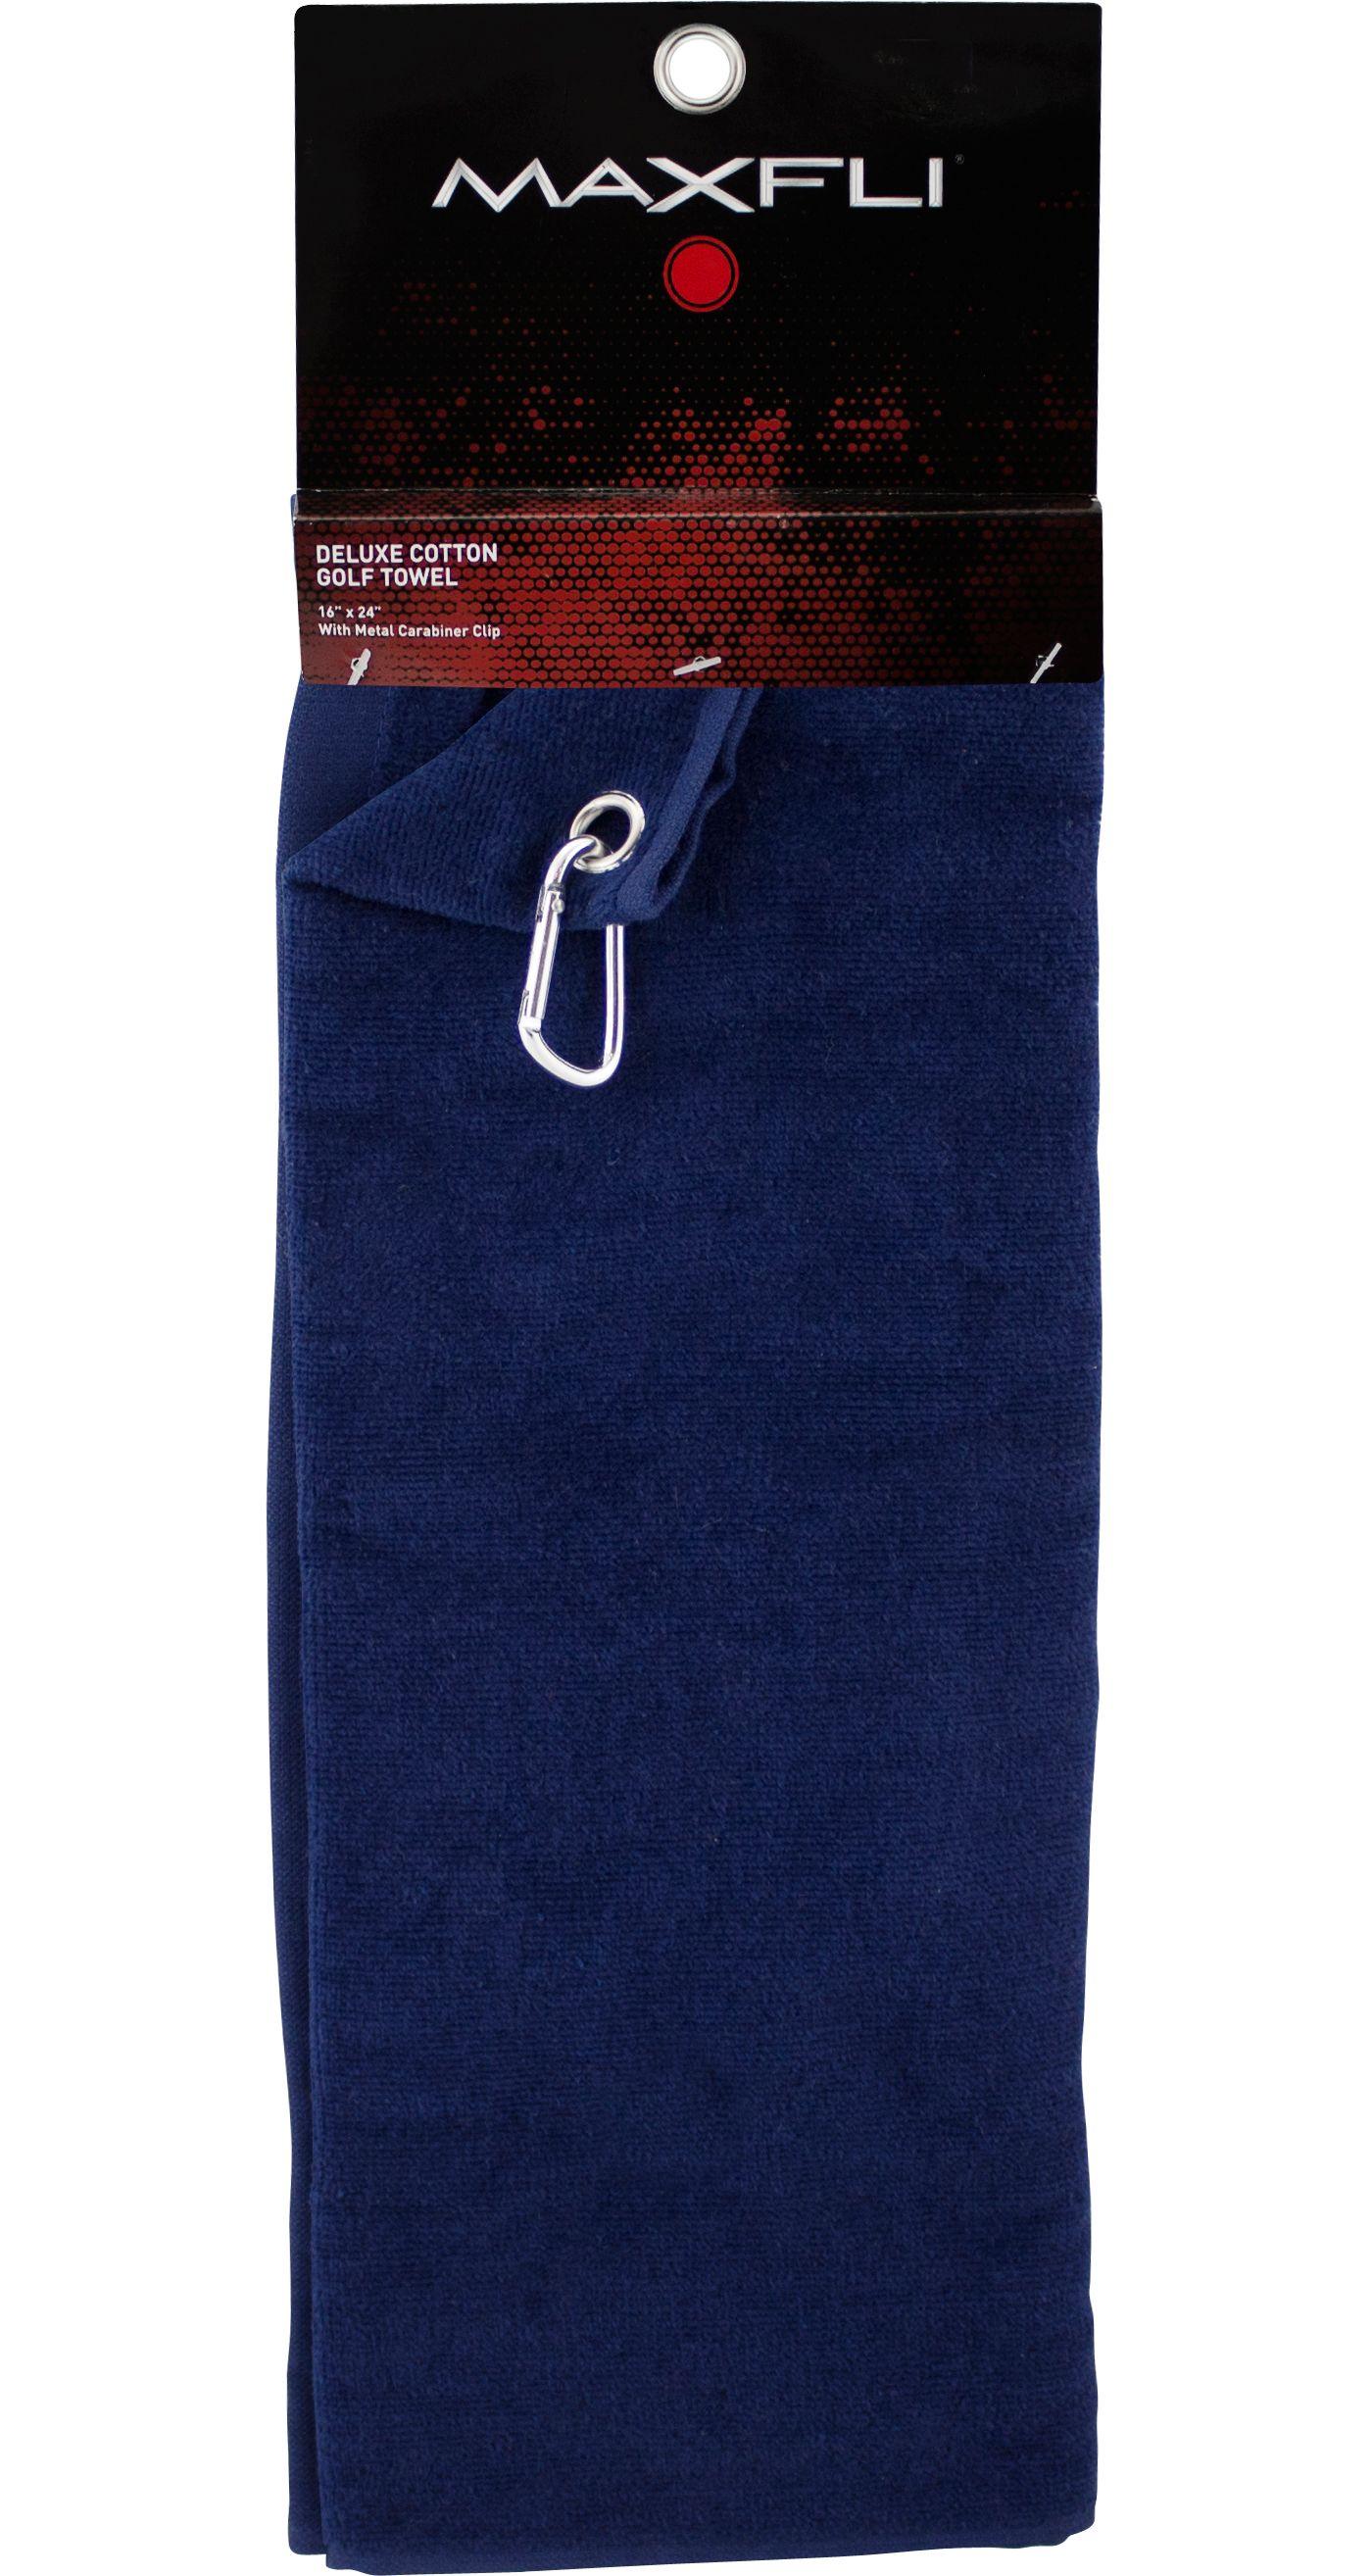 Maxfli Deluxe Cotton Towel